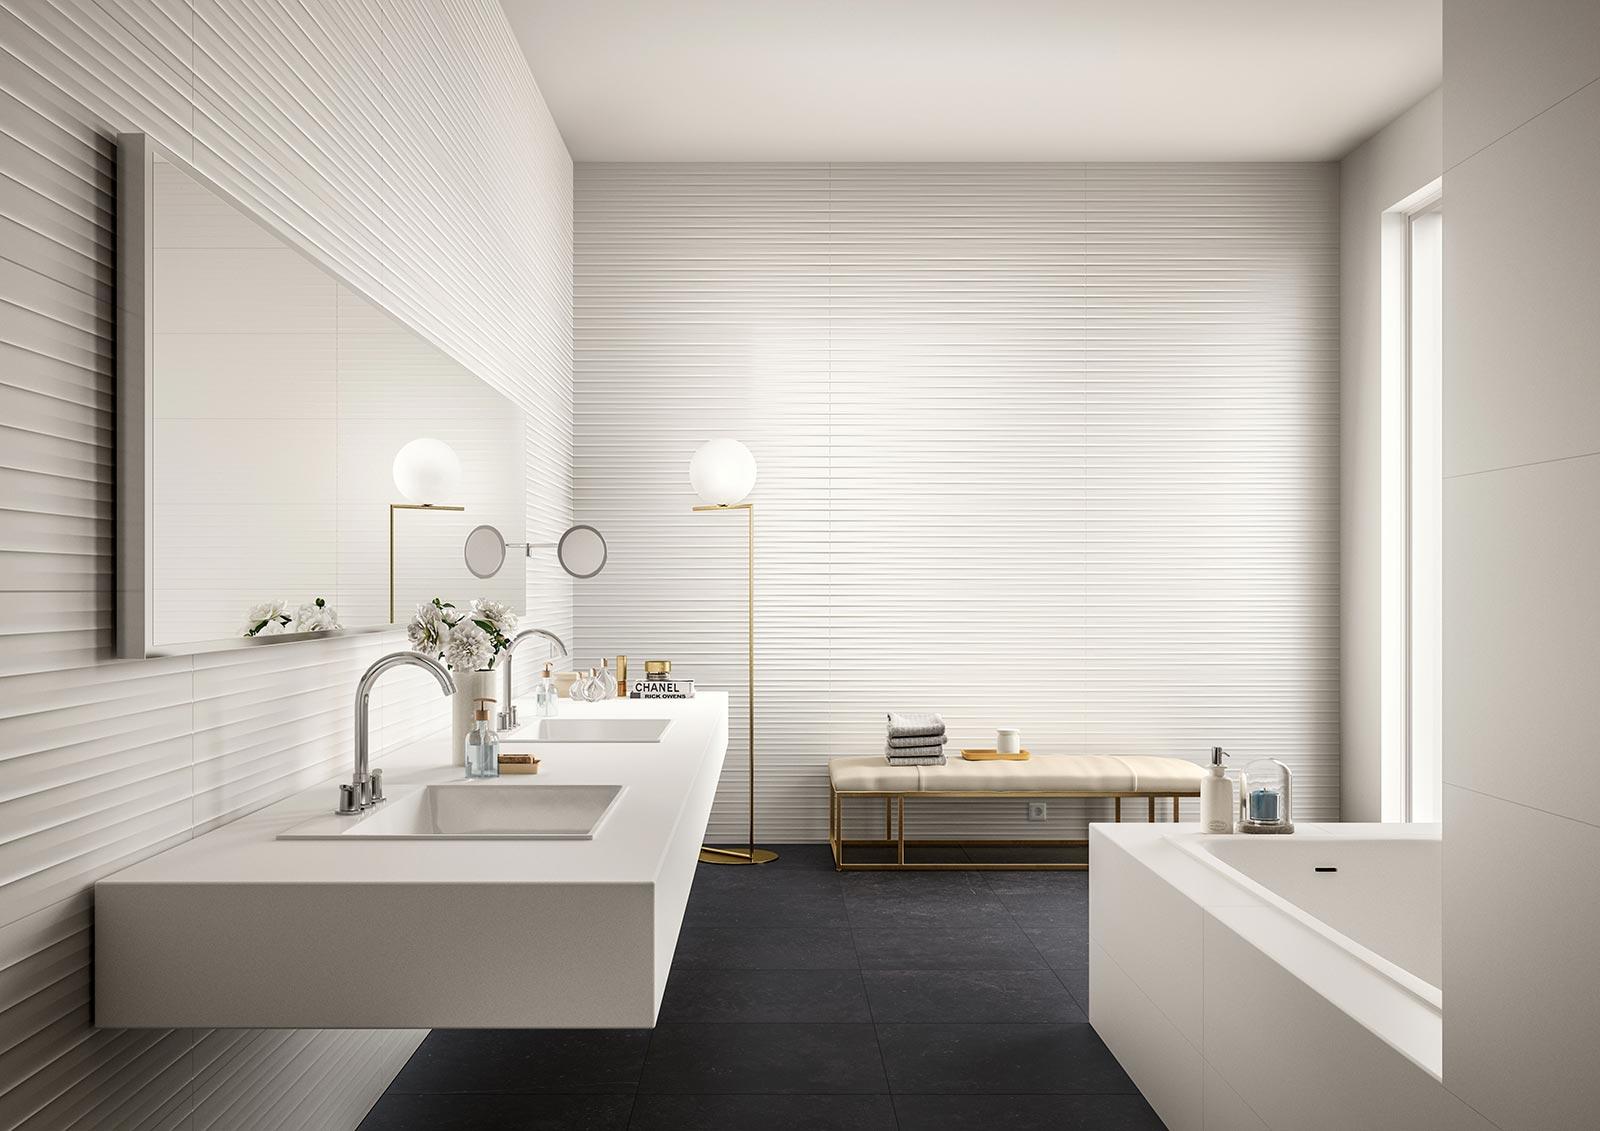 Carrelage salle de bain c ramique et gr s c rame marazzi for Salle de bain angouleme